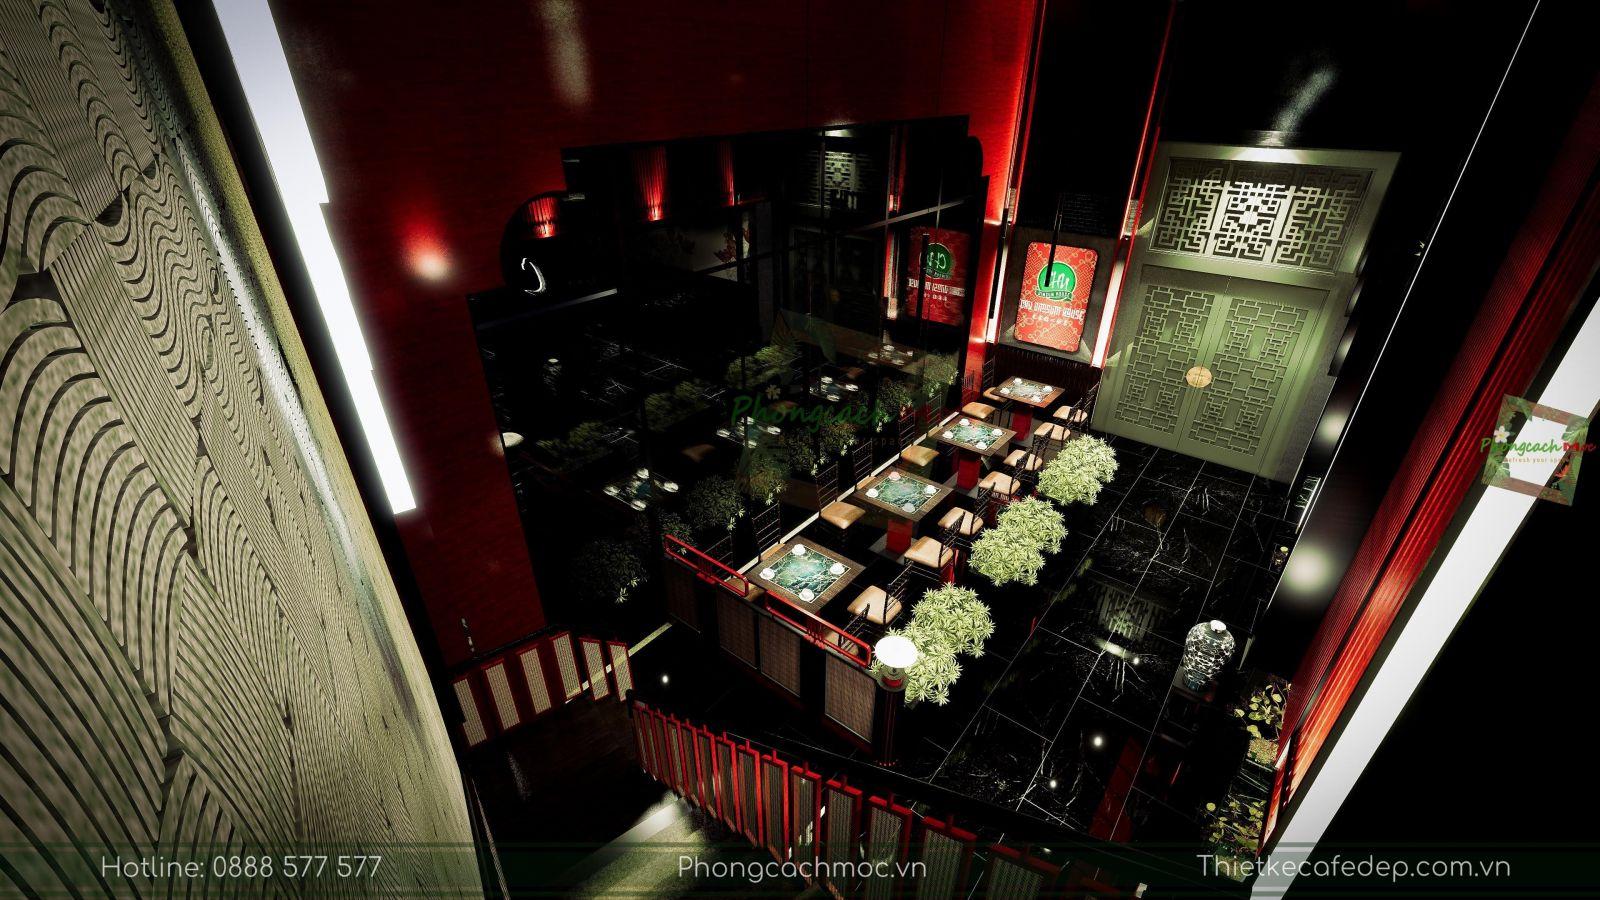 thiết kế nhà hàng trung hoa - chu dimsum house - phần sảnh chính - 2